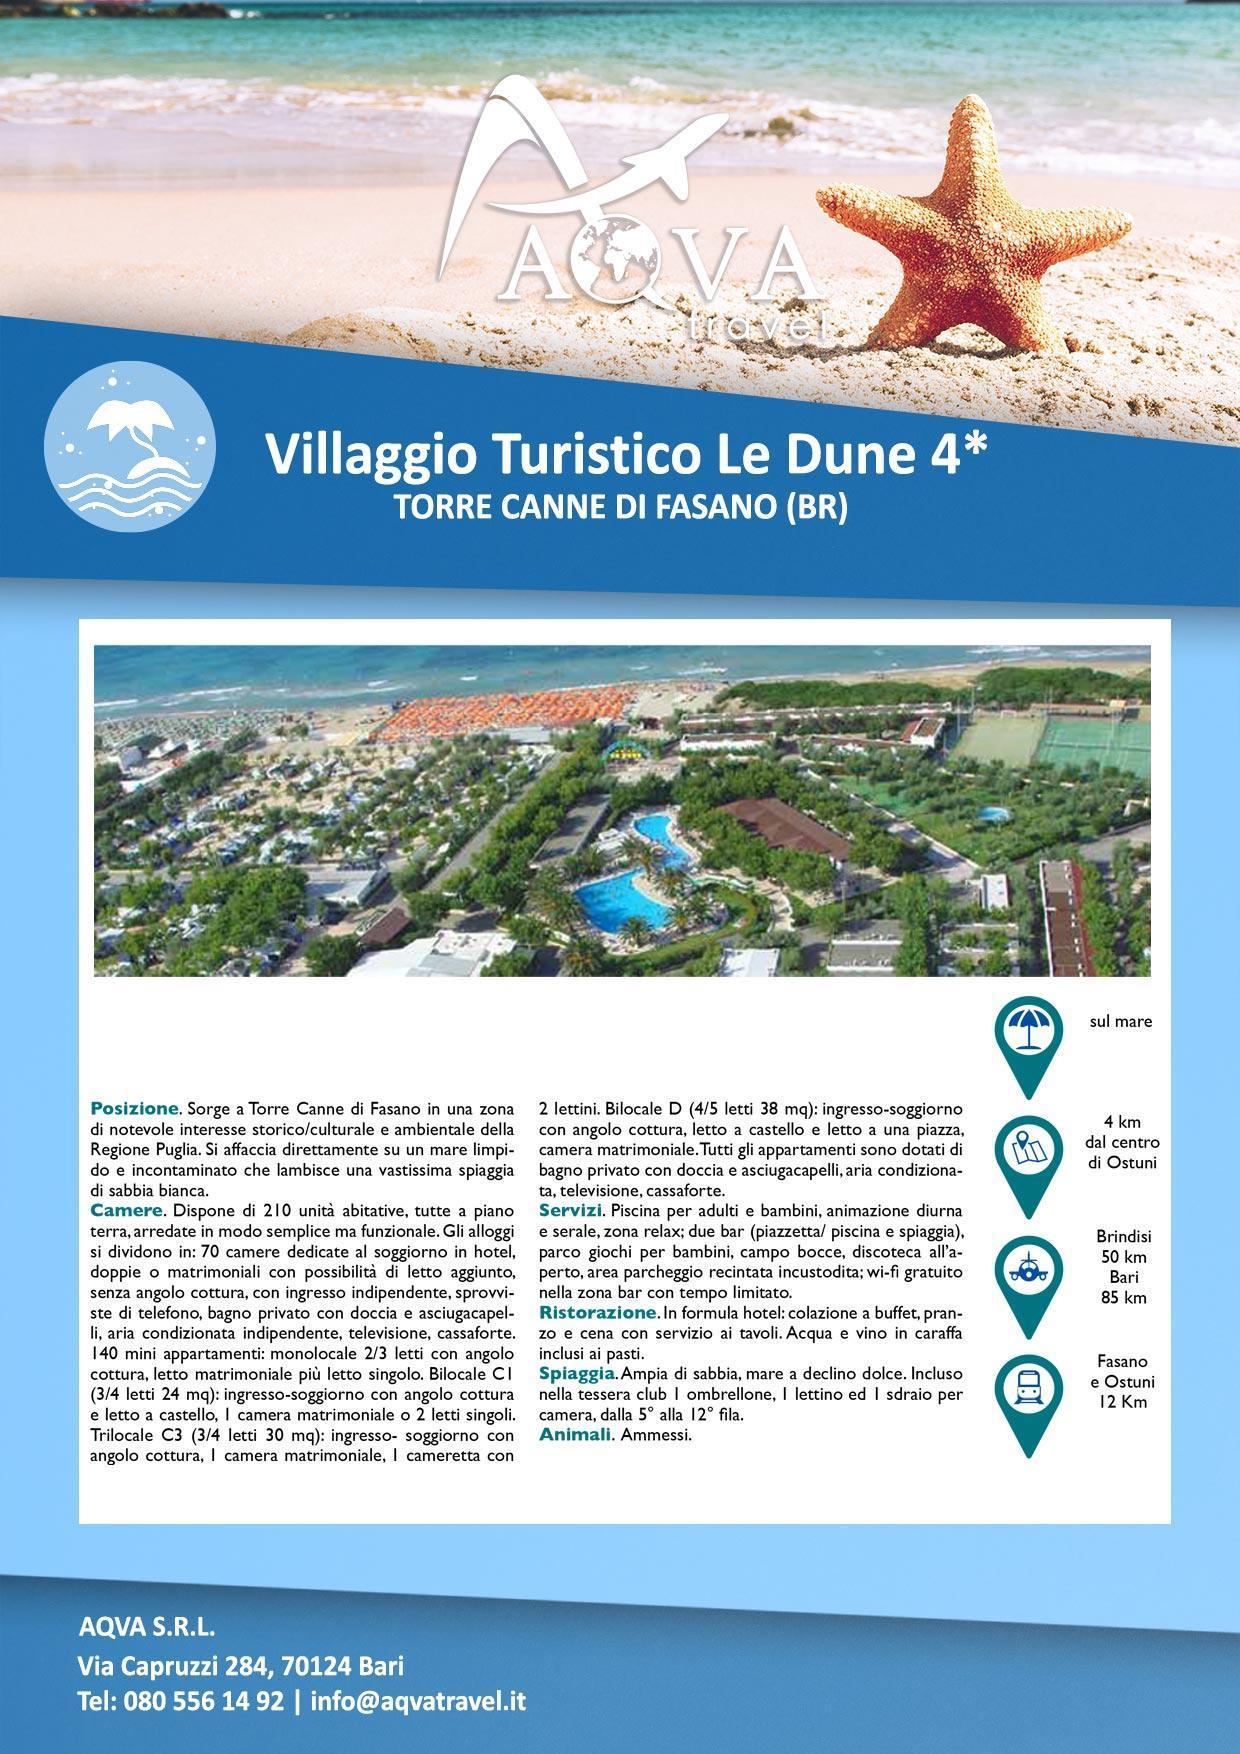 Villaggio-Turistico-Le-Dune-4-Mare-offerte-agenzia-di-viaggi-Bari-AQVATRAVEL-it